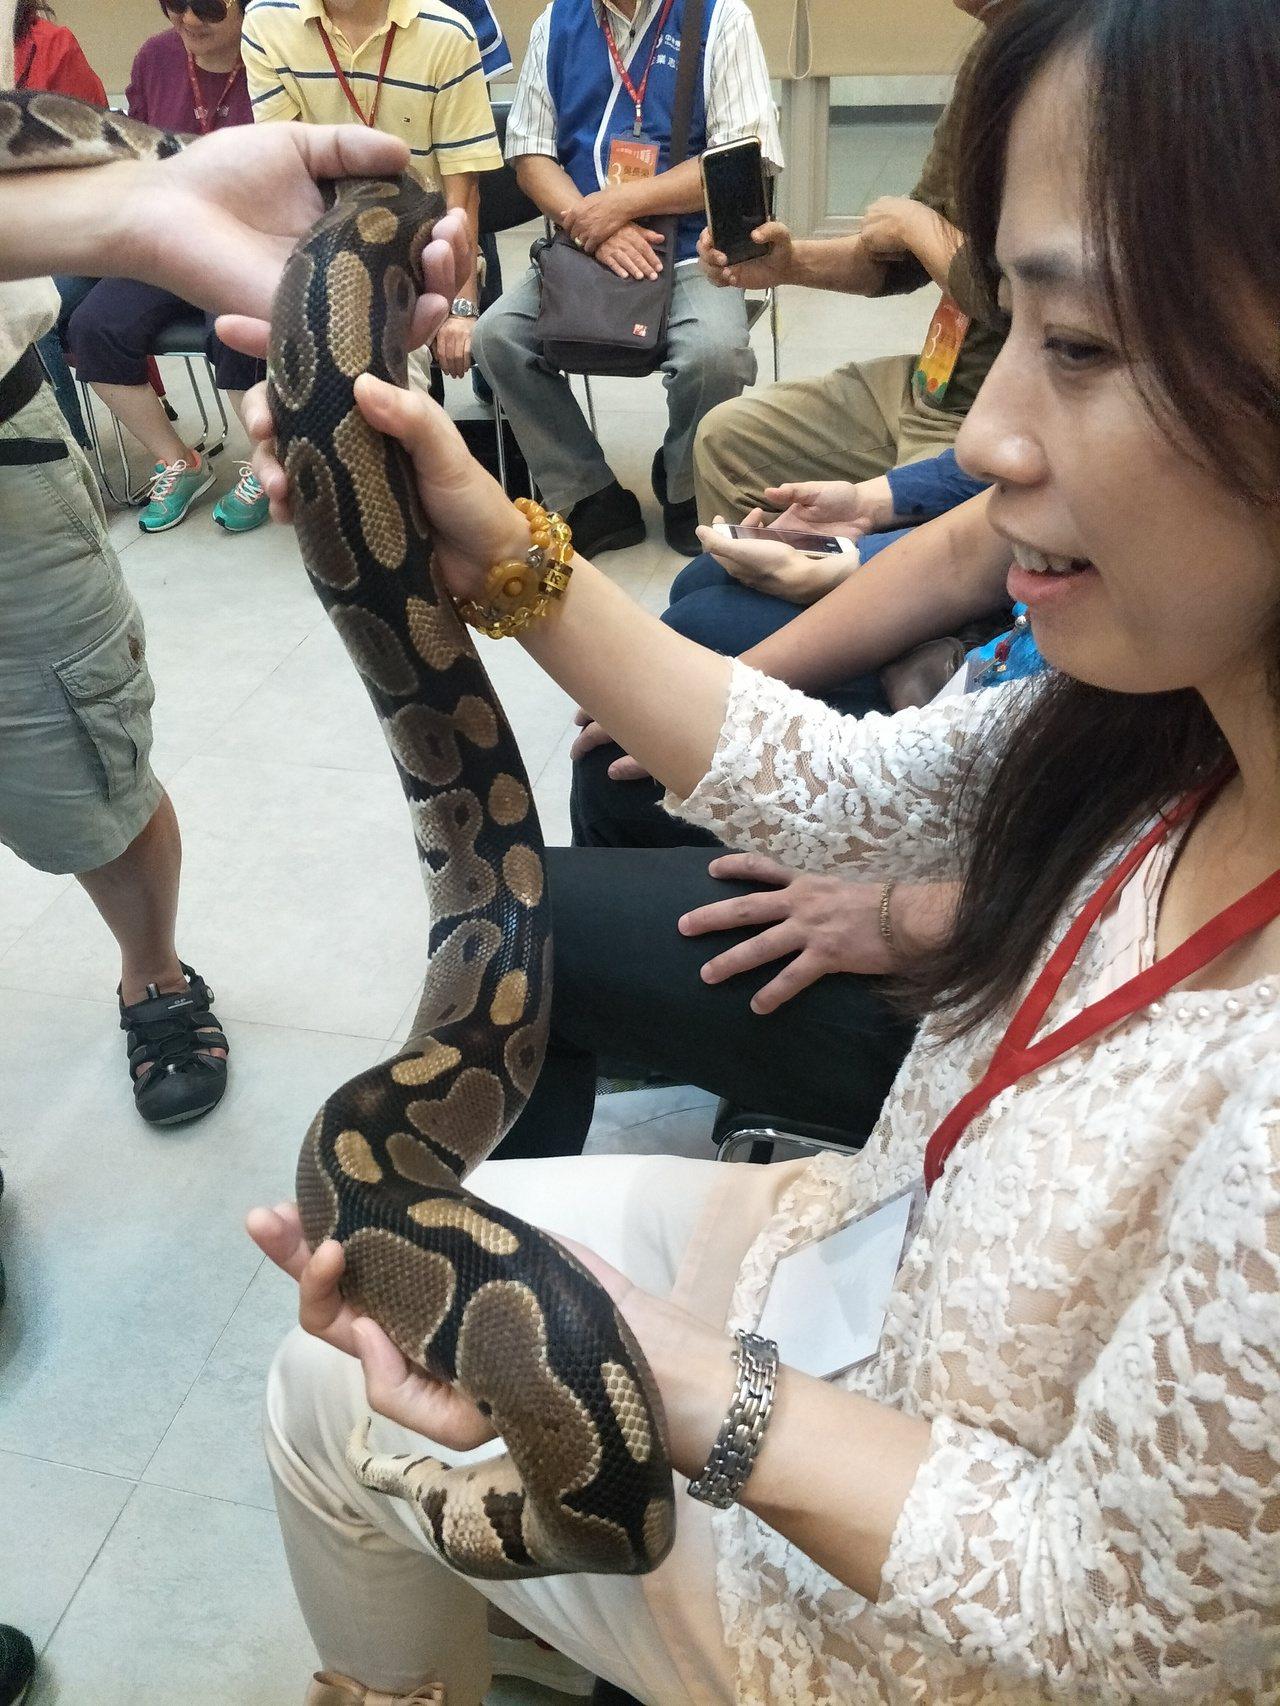 視障朋友體驗海科館兩棲爬蟲動物特展,露出驚喜表情。圖/海科館提供